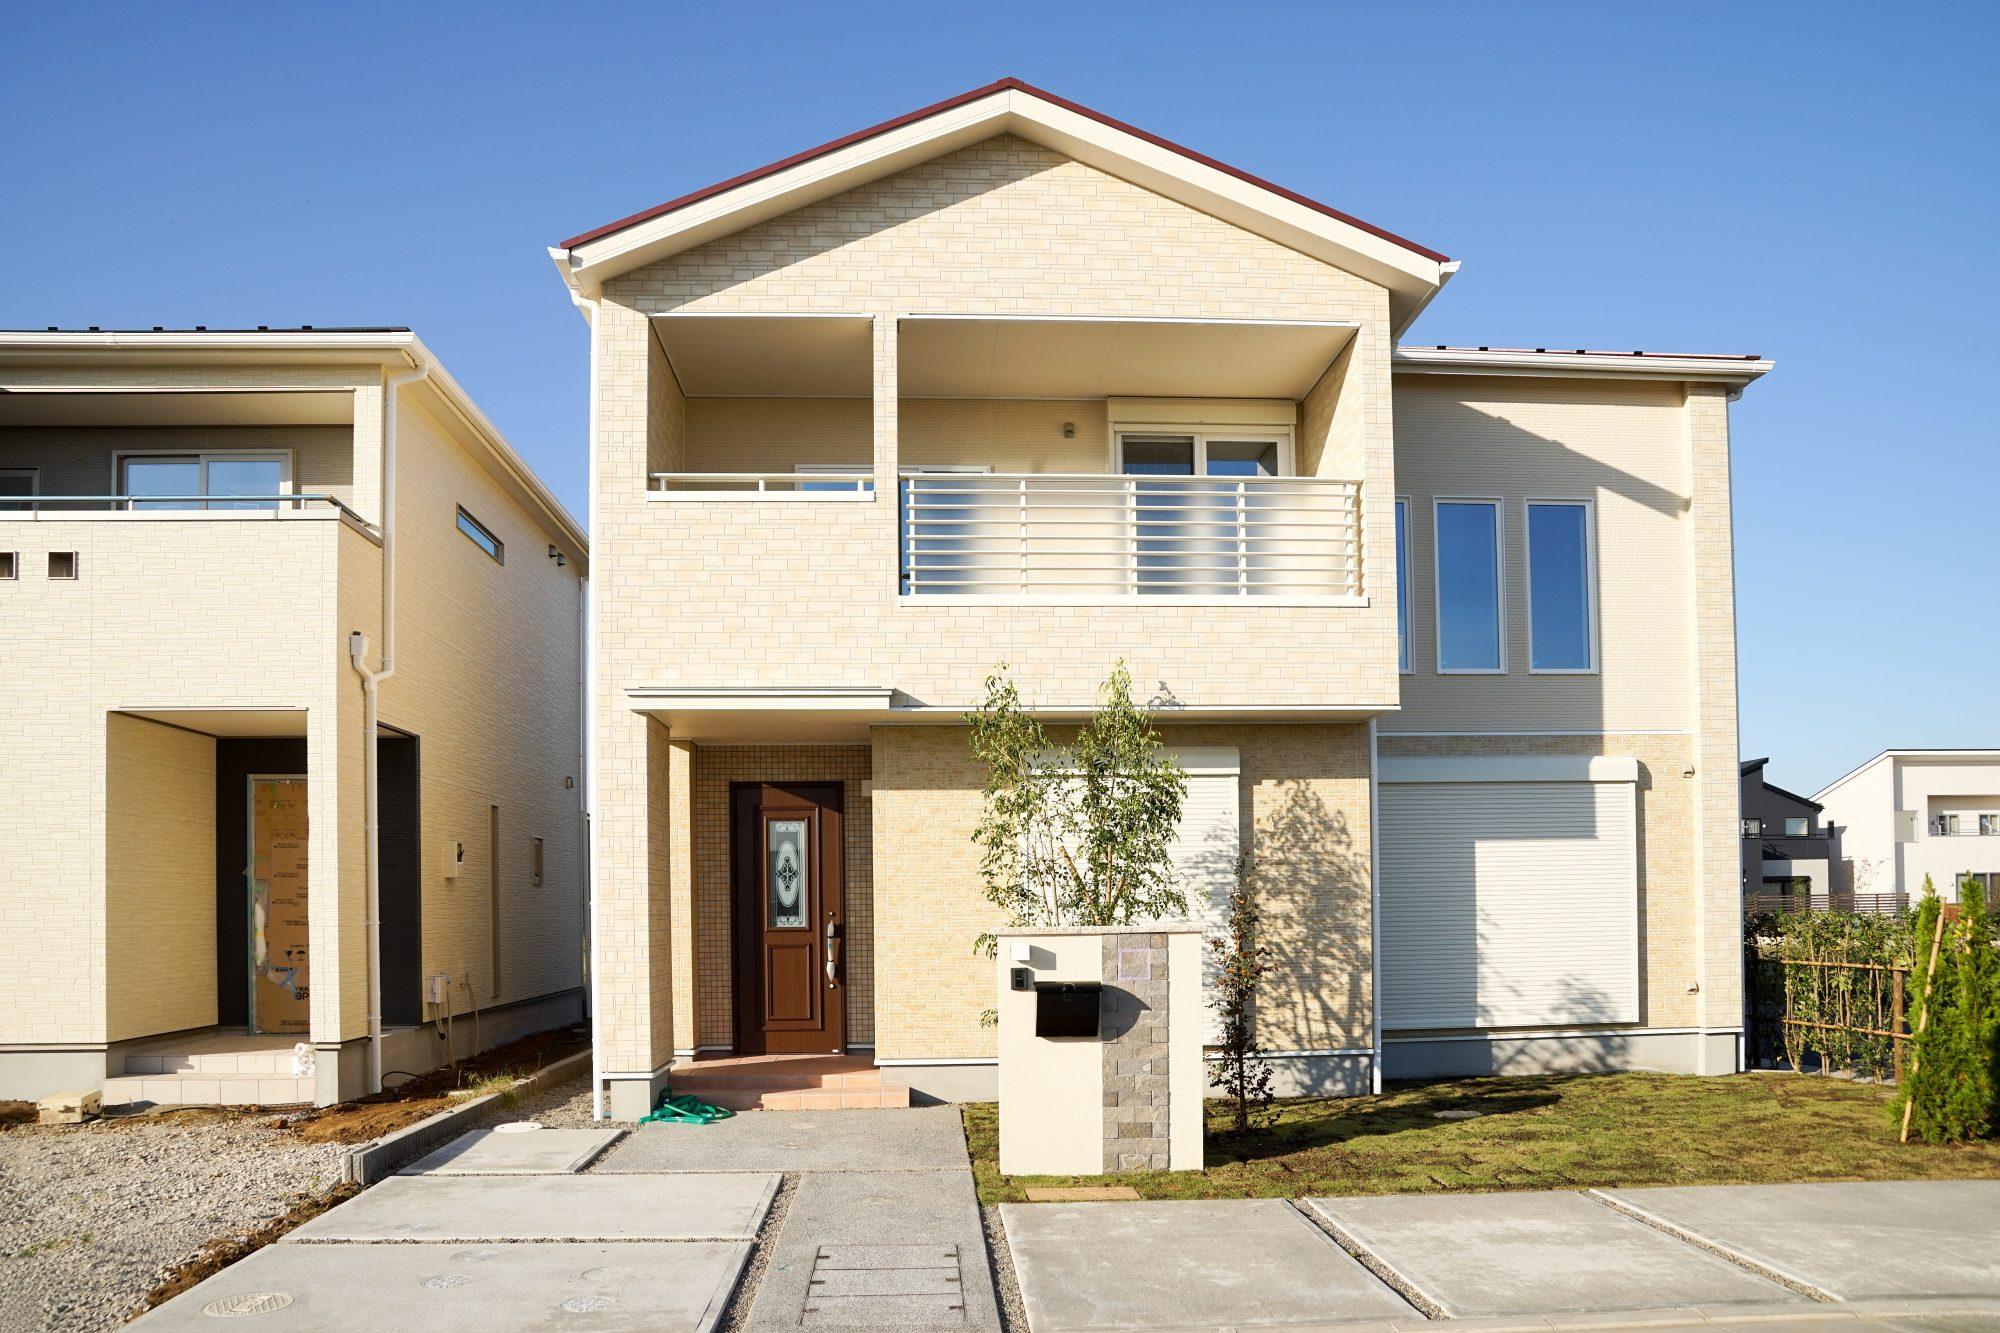 玄関前のデザインは住宅の顔